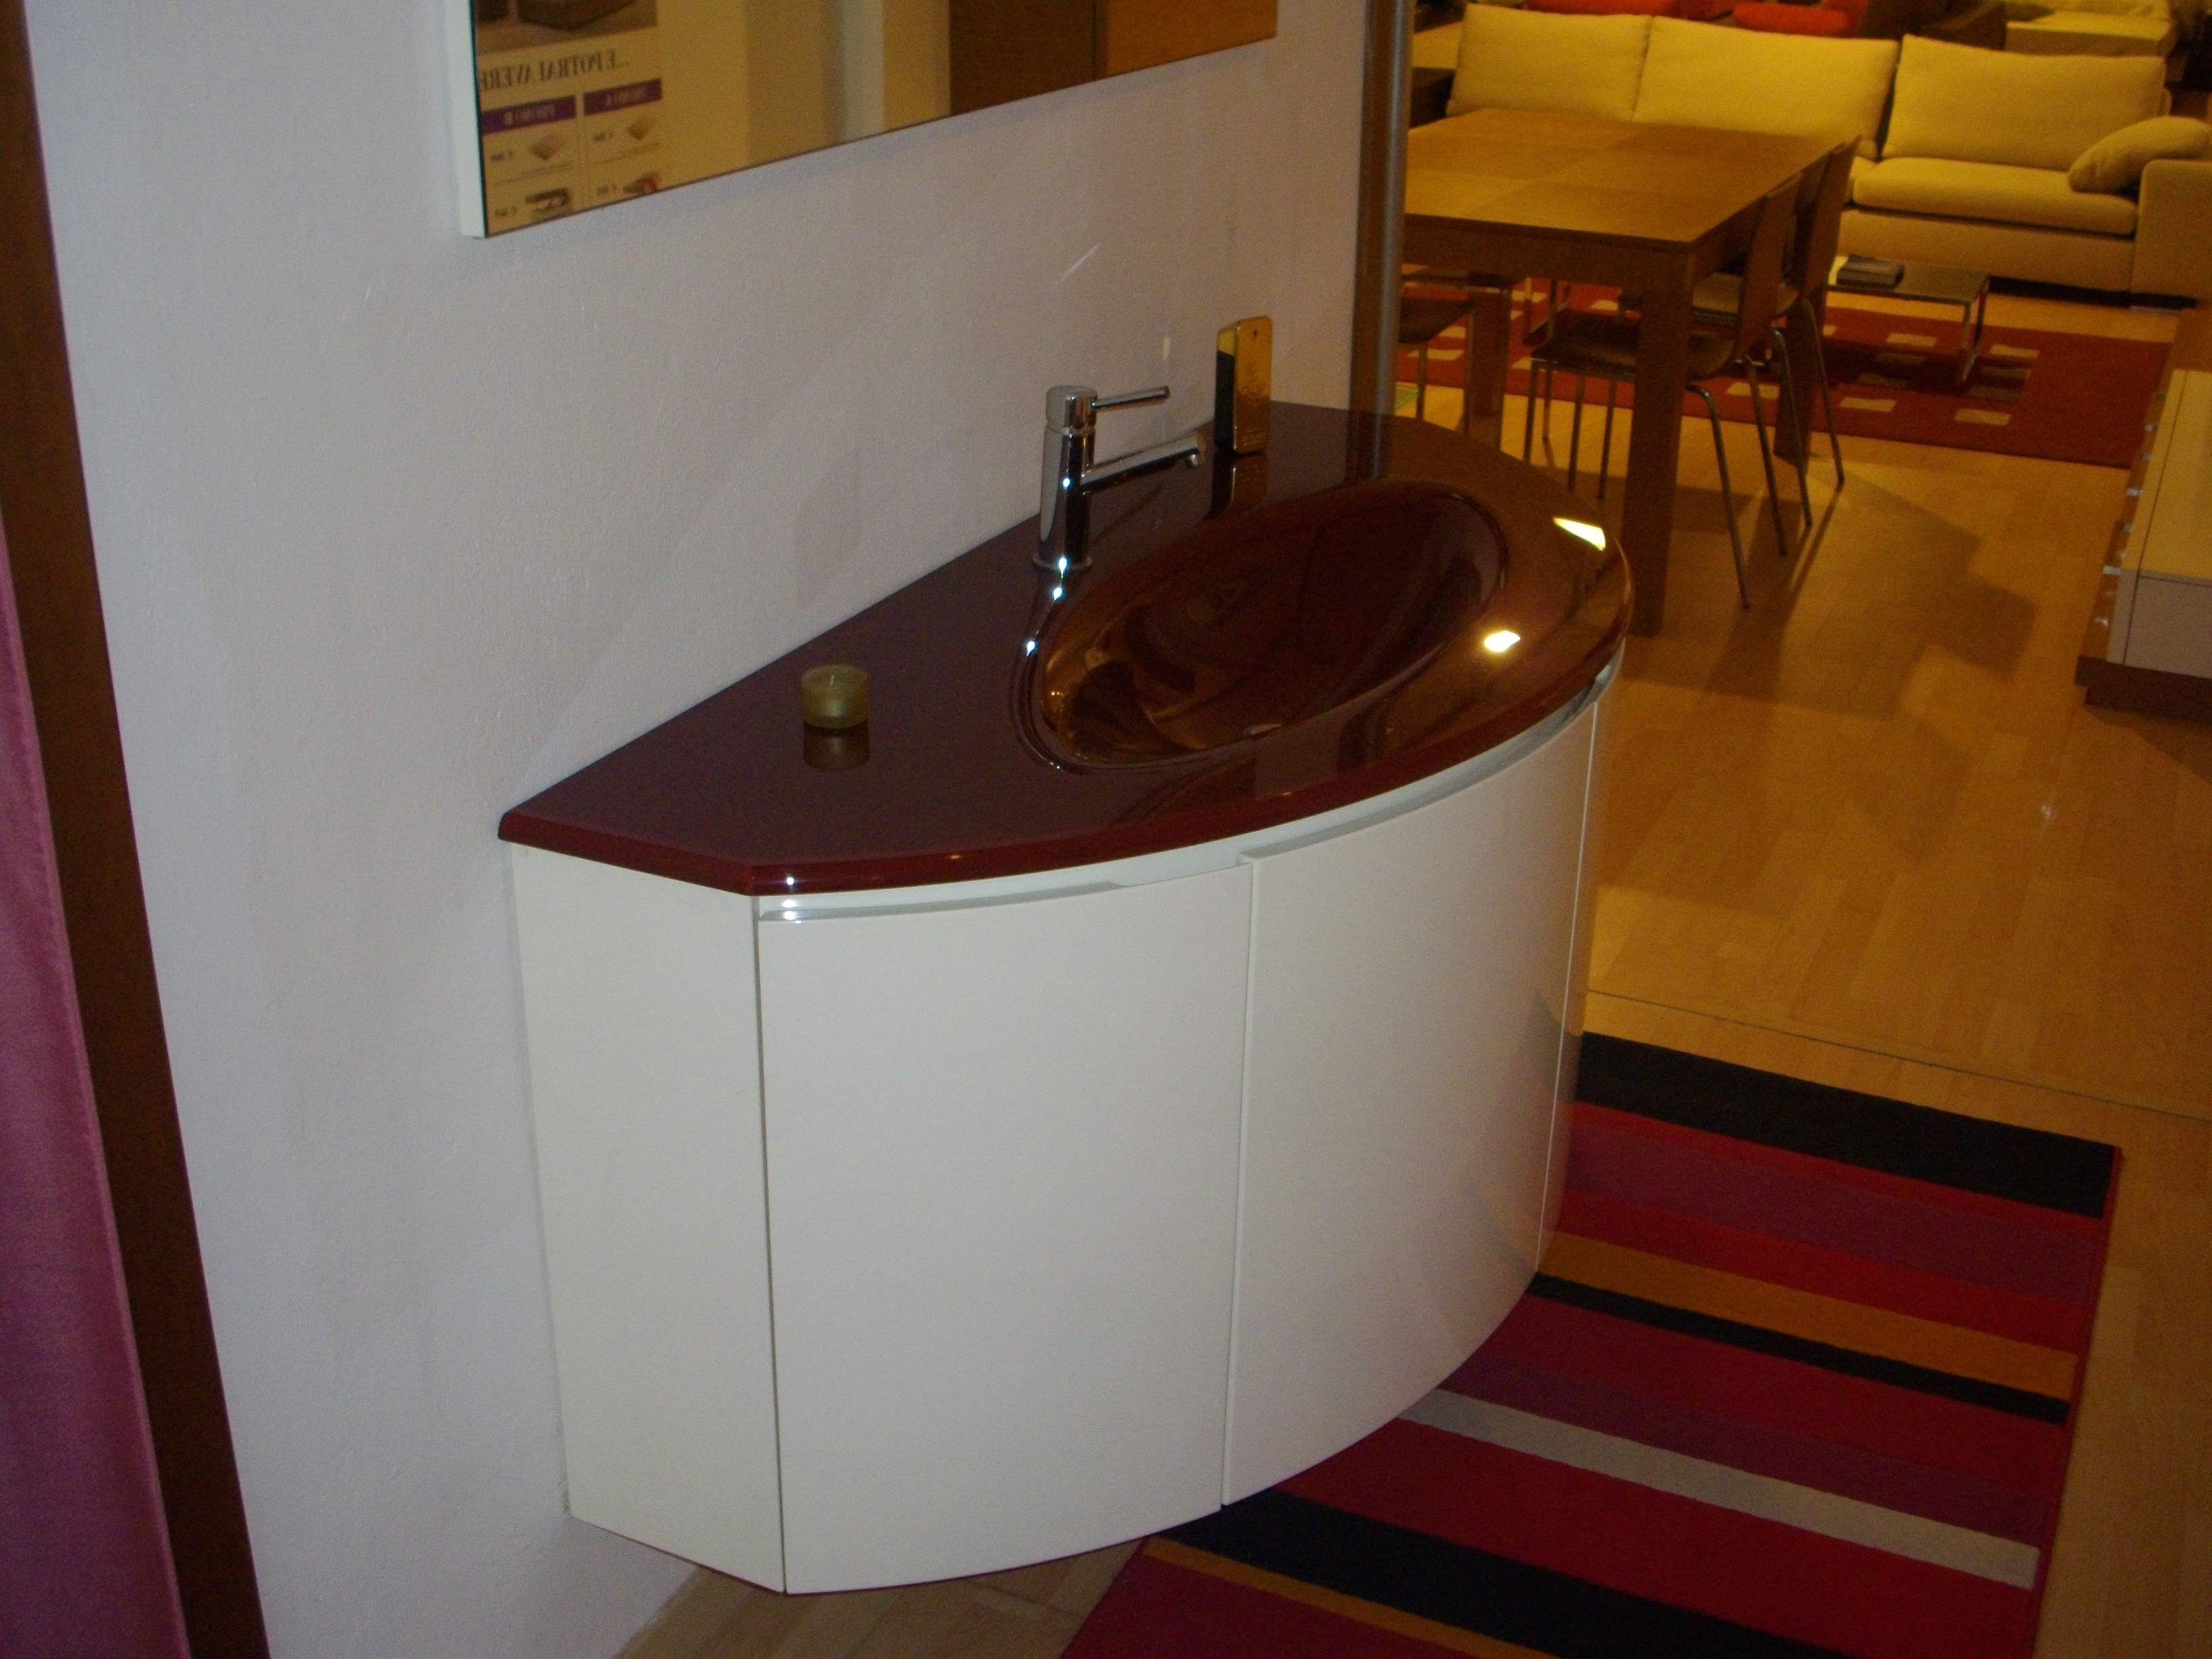 Mobili bagno lavanderia cool mobili bagno lavatrice images mobili lavatrice bagno in tutto - Mobile nascondi lavatrice ikea ...